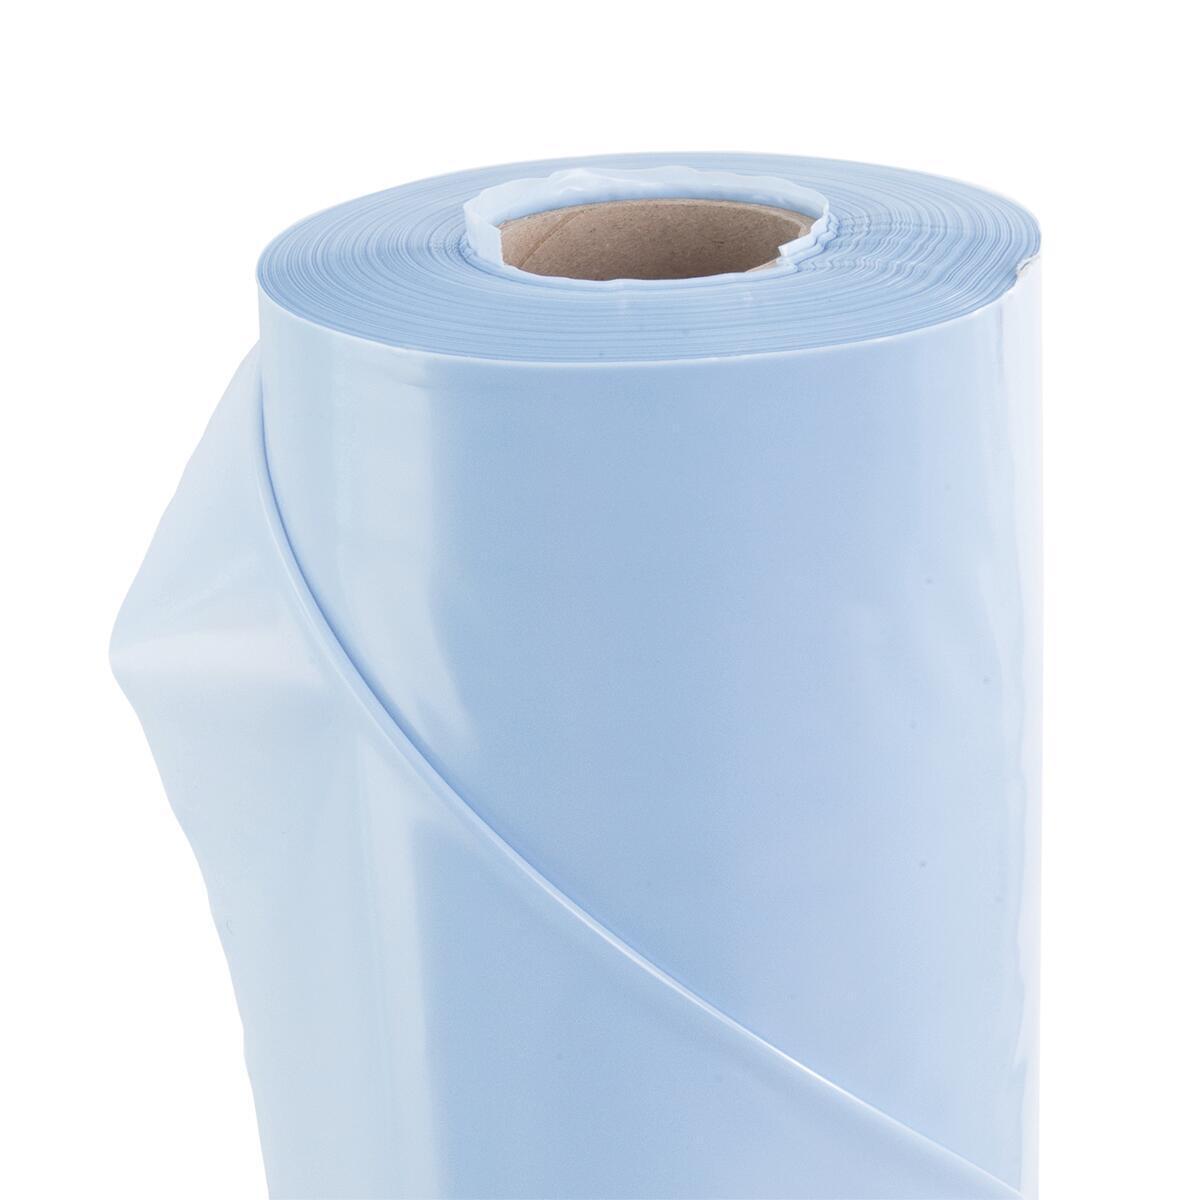 Pellicola protettiva in polietilene L 56 m x H 40 cm 114 g/m²